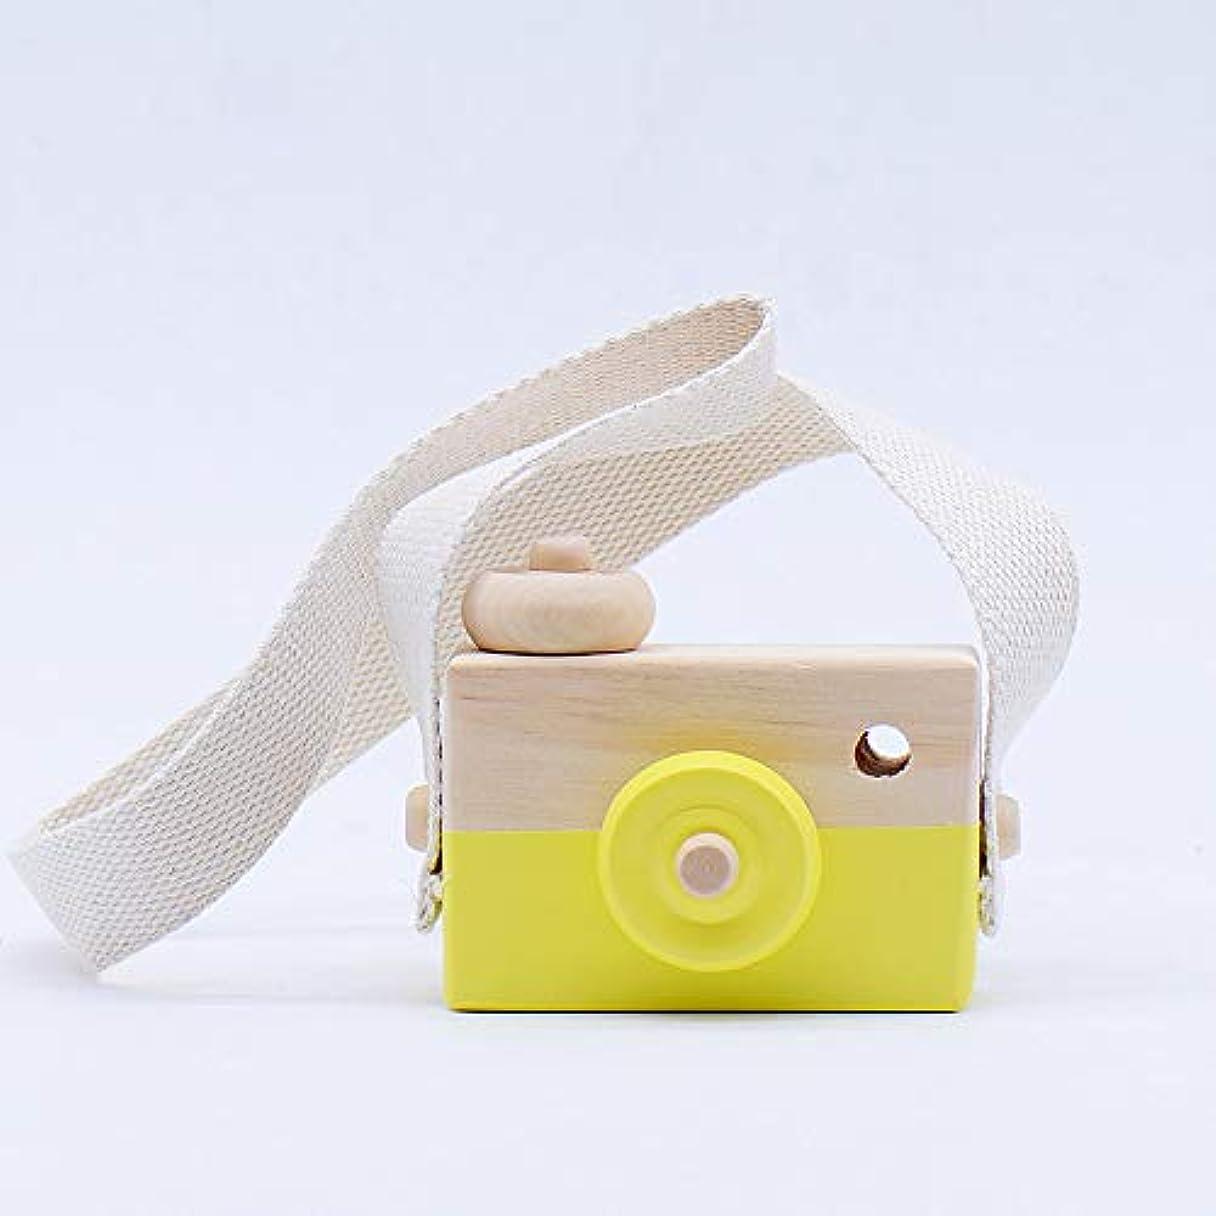 コールマイコン仲介者ミニかわいい木製カメラのおもちゃ安全なナチュラル玩具ベビーキッズファッション服アクセサリー玩具誕生日クリスマスホリデーギフト (黄)